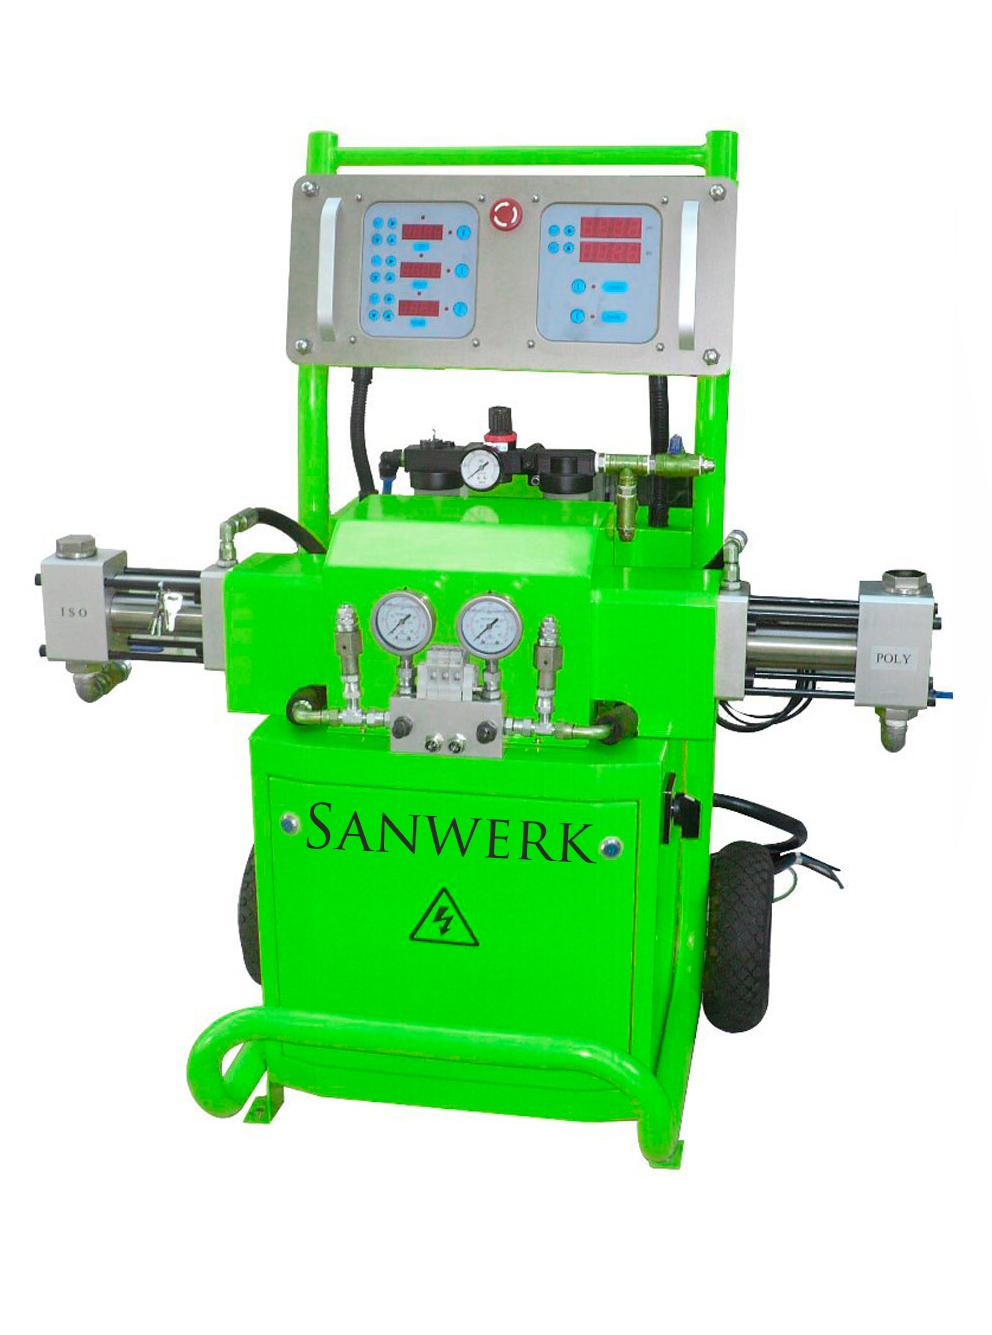 Fantastyczny Maszyna do natrysku pianki poliuretanowej Sanwerk 7342999777 TW34